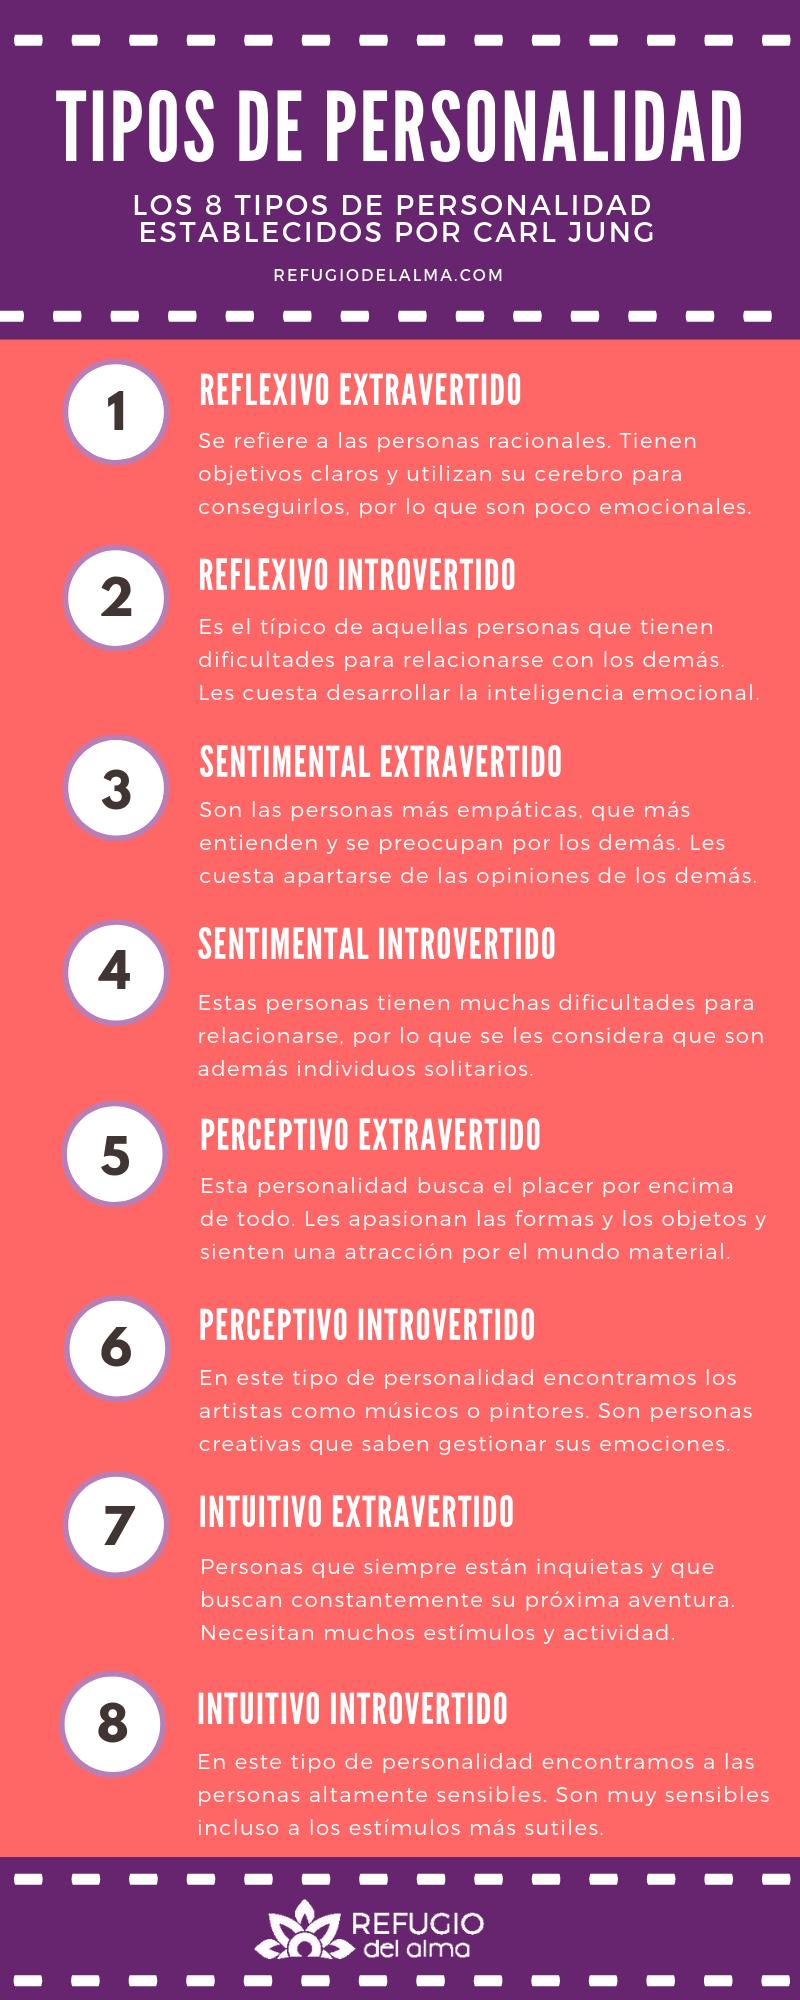 Los 8 Tipos De Personalidad Establecidos Por Carl Jung Tipos De Personalidad Temas De Psicologia Personalidad